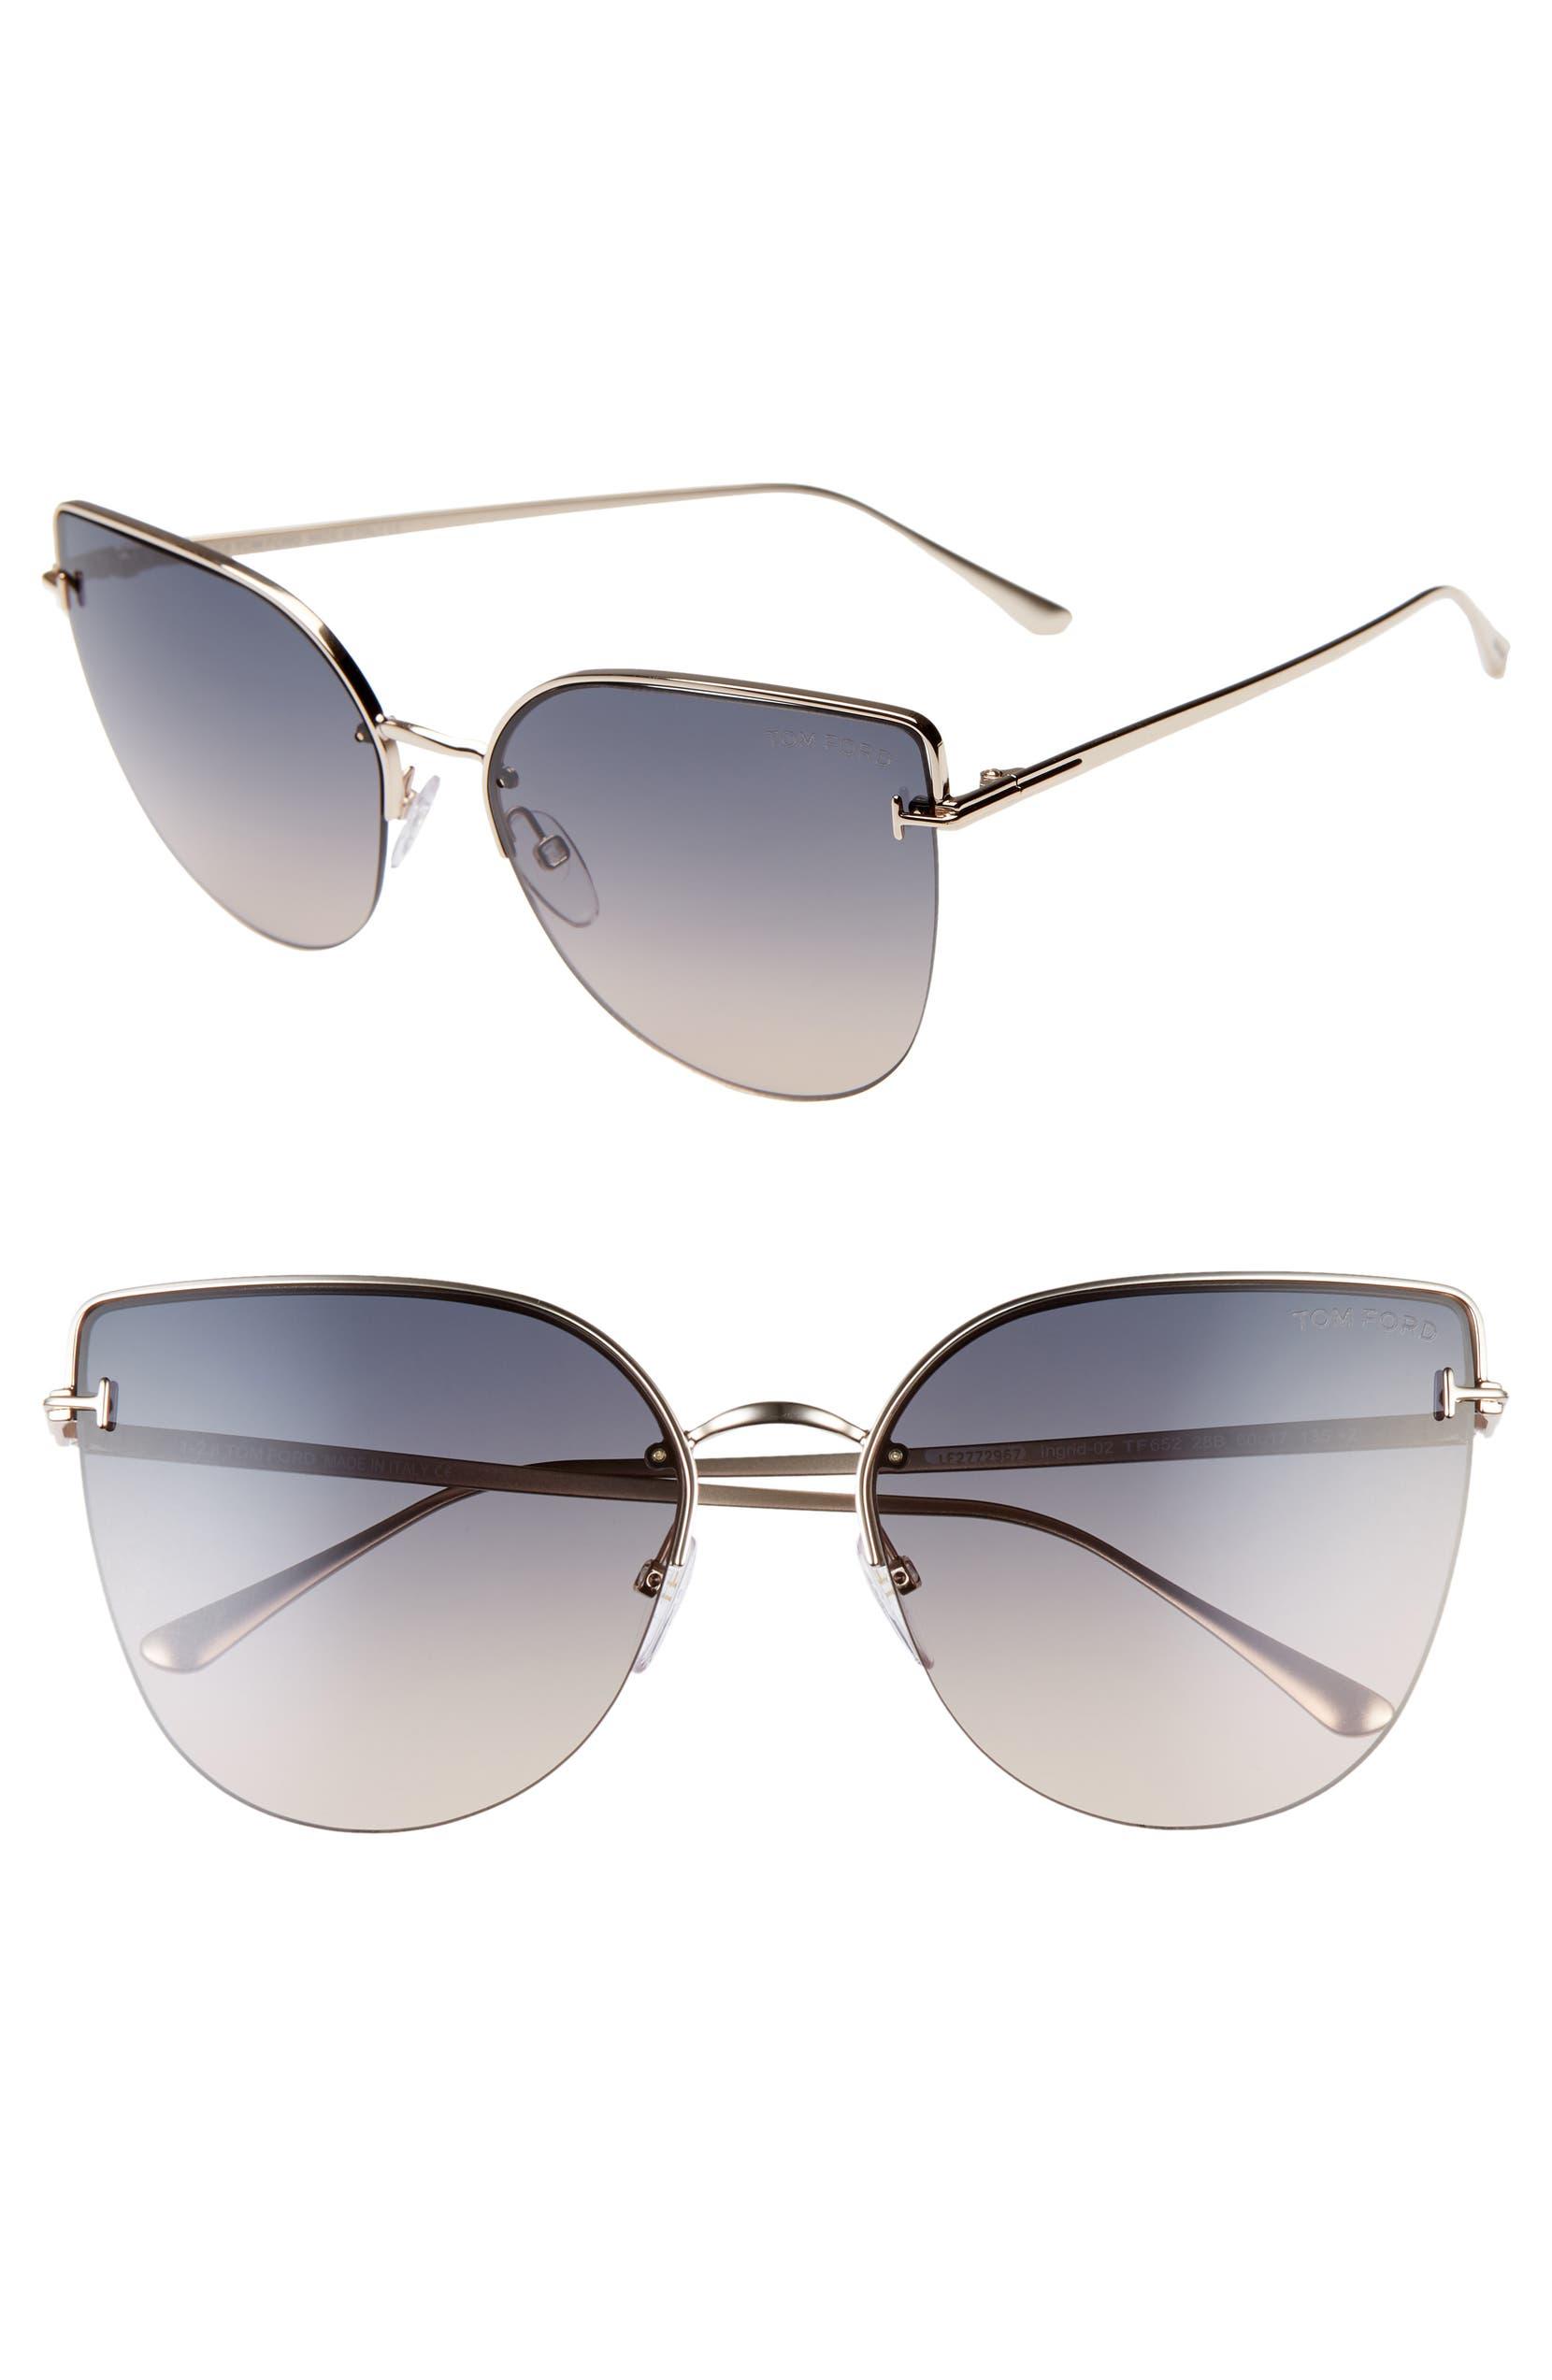 22e9f58df690 Tom Ford Ingrid 60mm Cat Eye Sunglasses